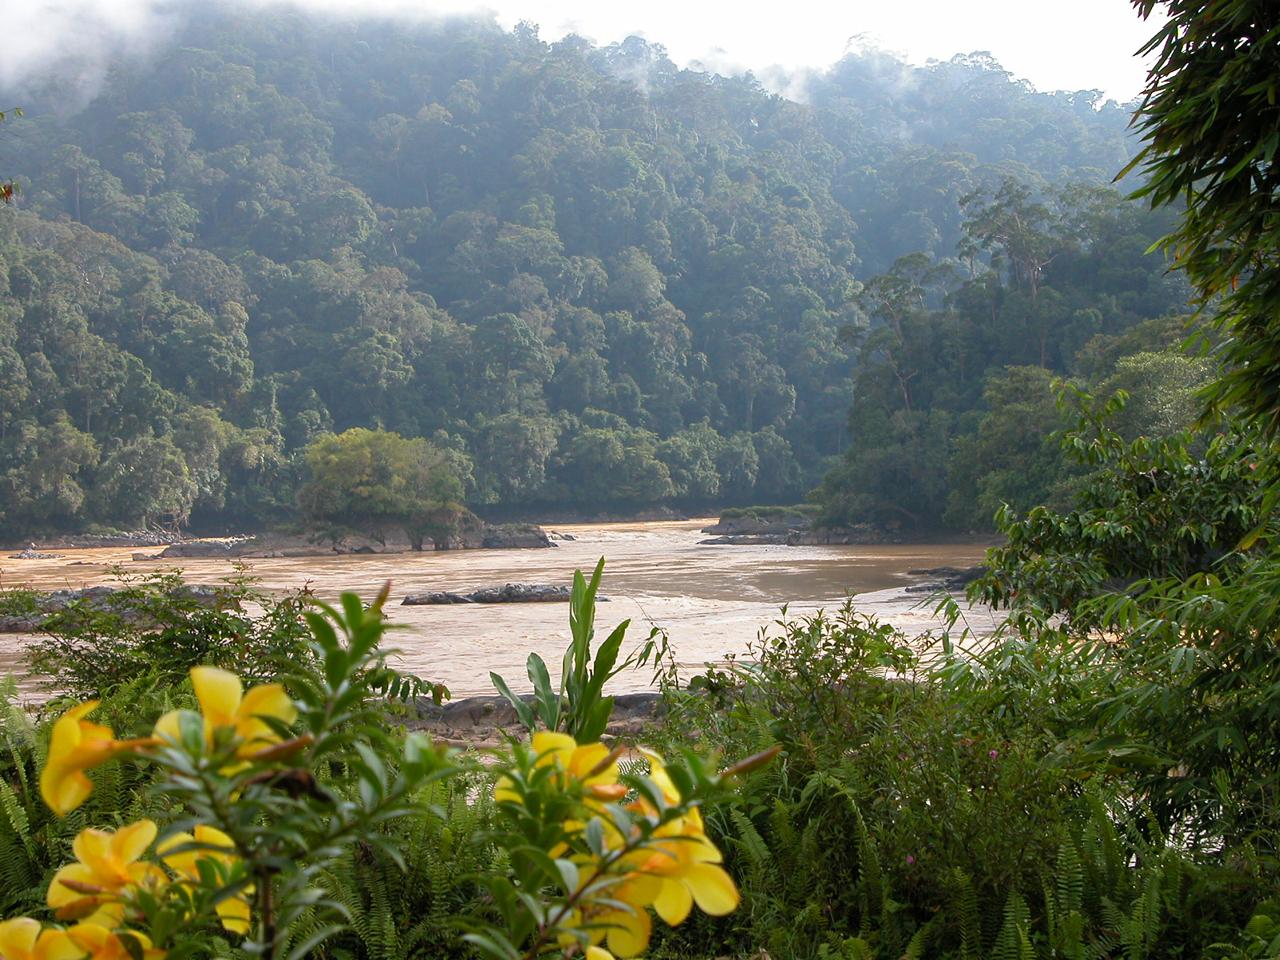 Maleisië, zicht op de Rajan rivier - Sarawak